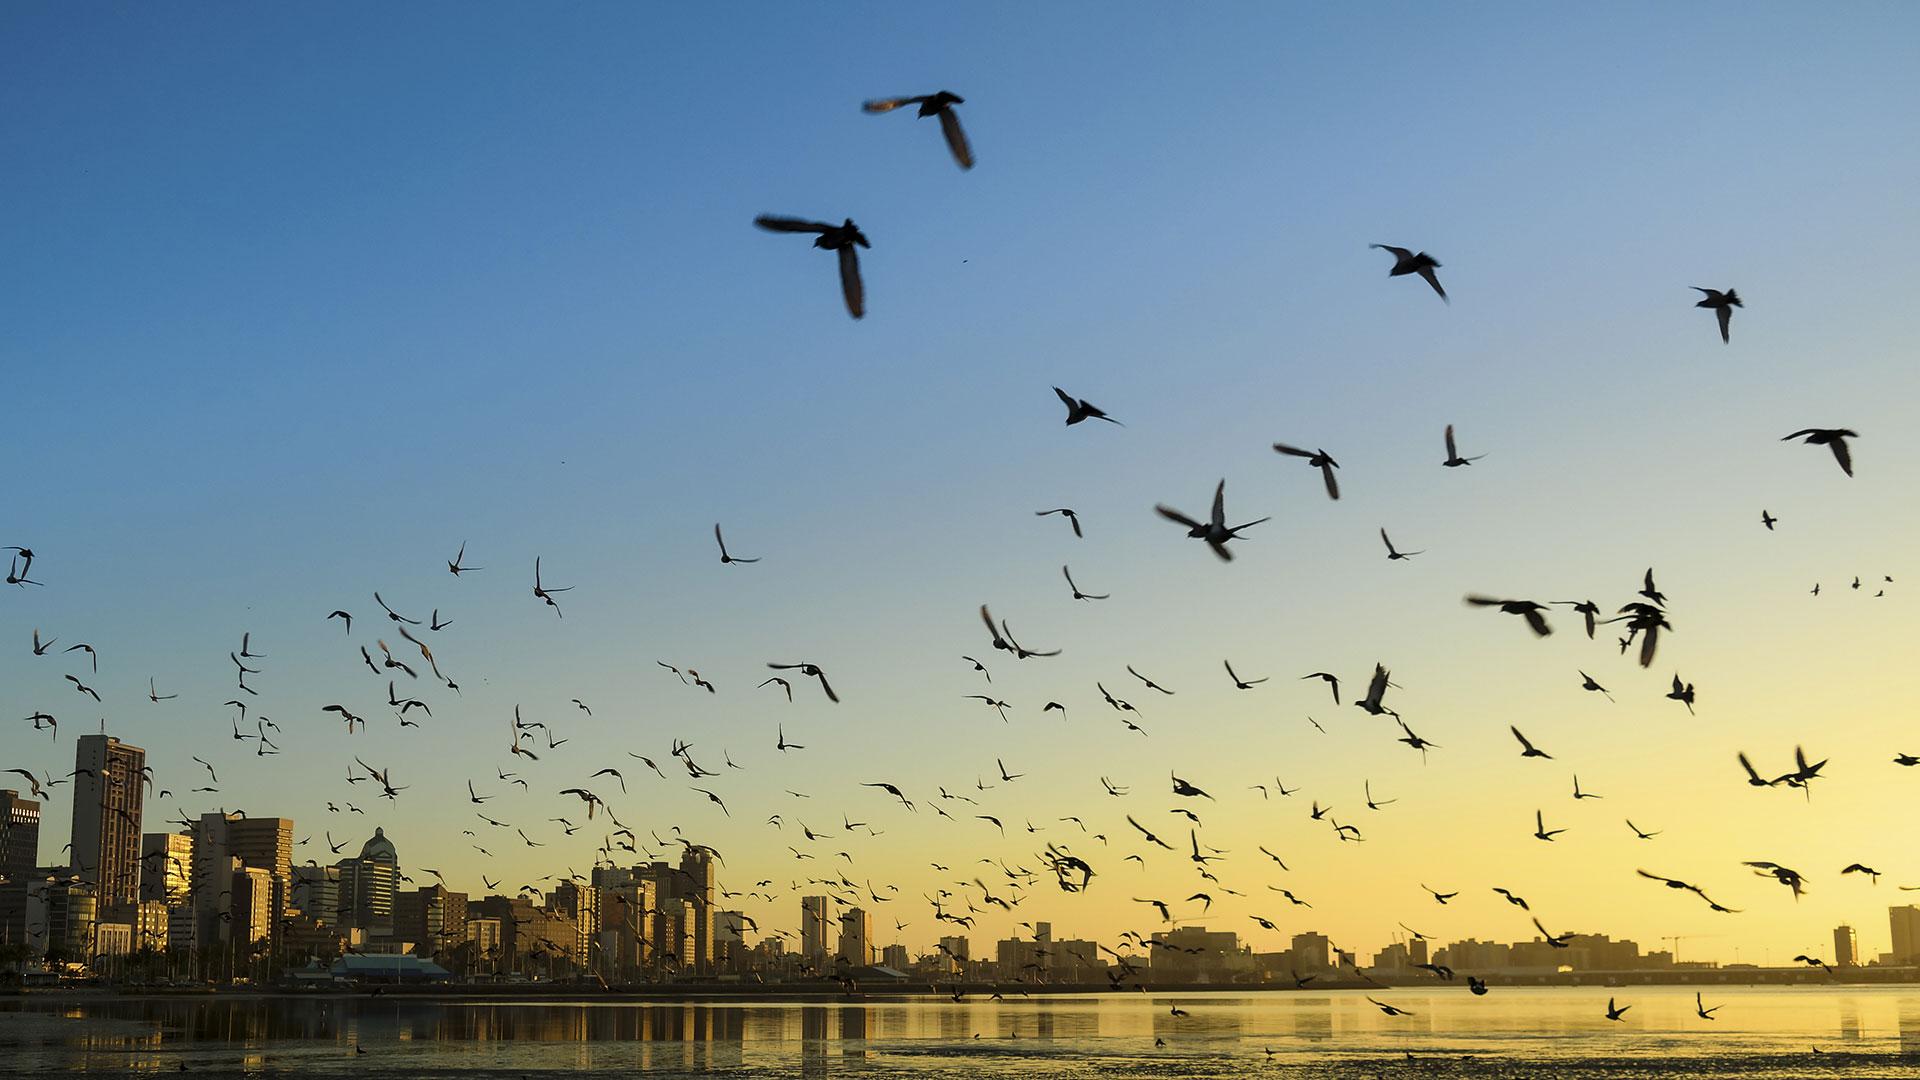 буду рекомендовать птицы над городом каких случаях назначаются